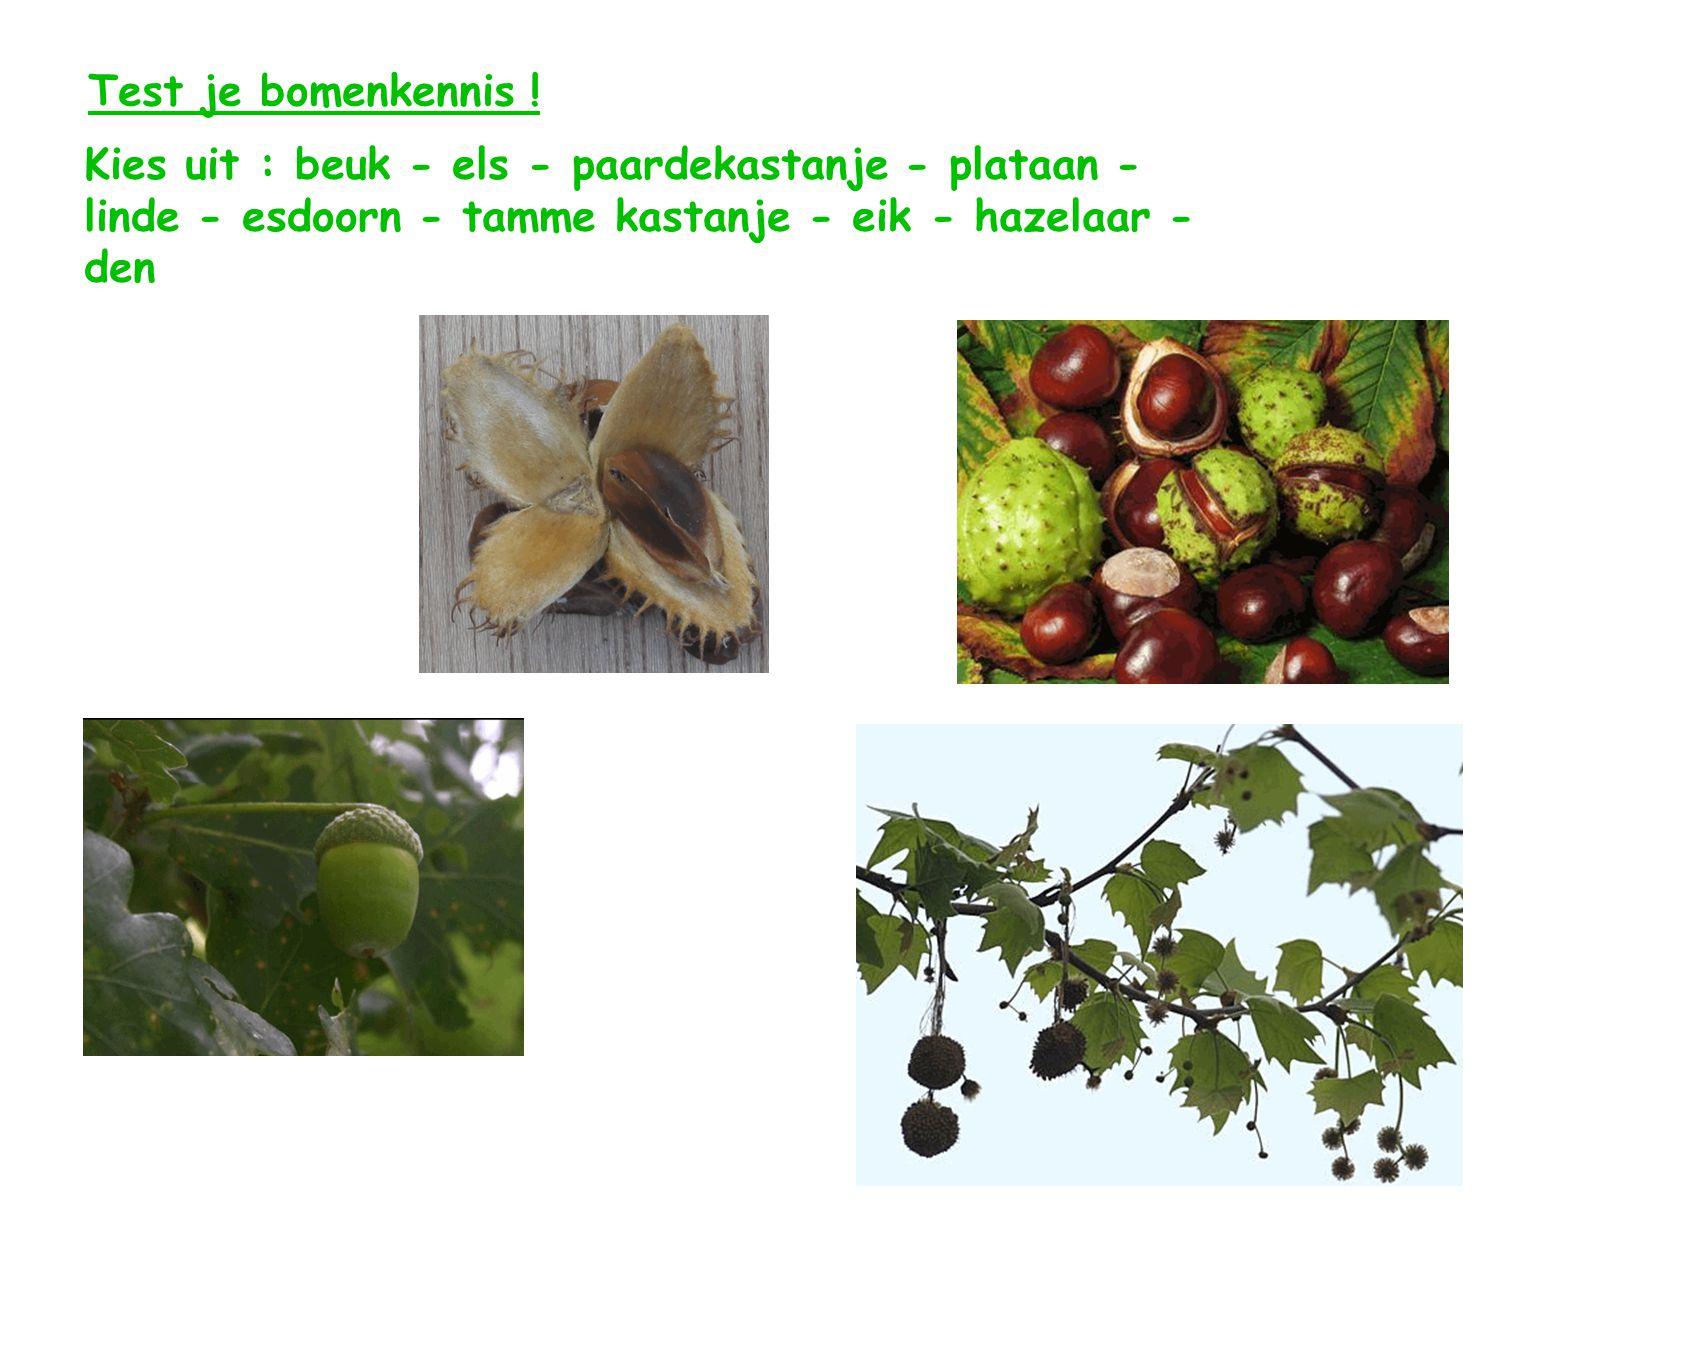 Test je bomenkennis ! Kies uit : beuk - els - paardekastanje - plataan - linde - esdoorn - tamme kastanje - eik - hazelaar - den